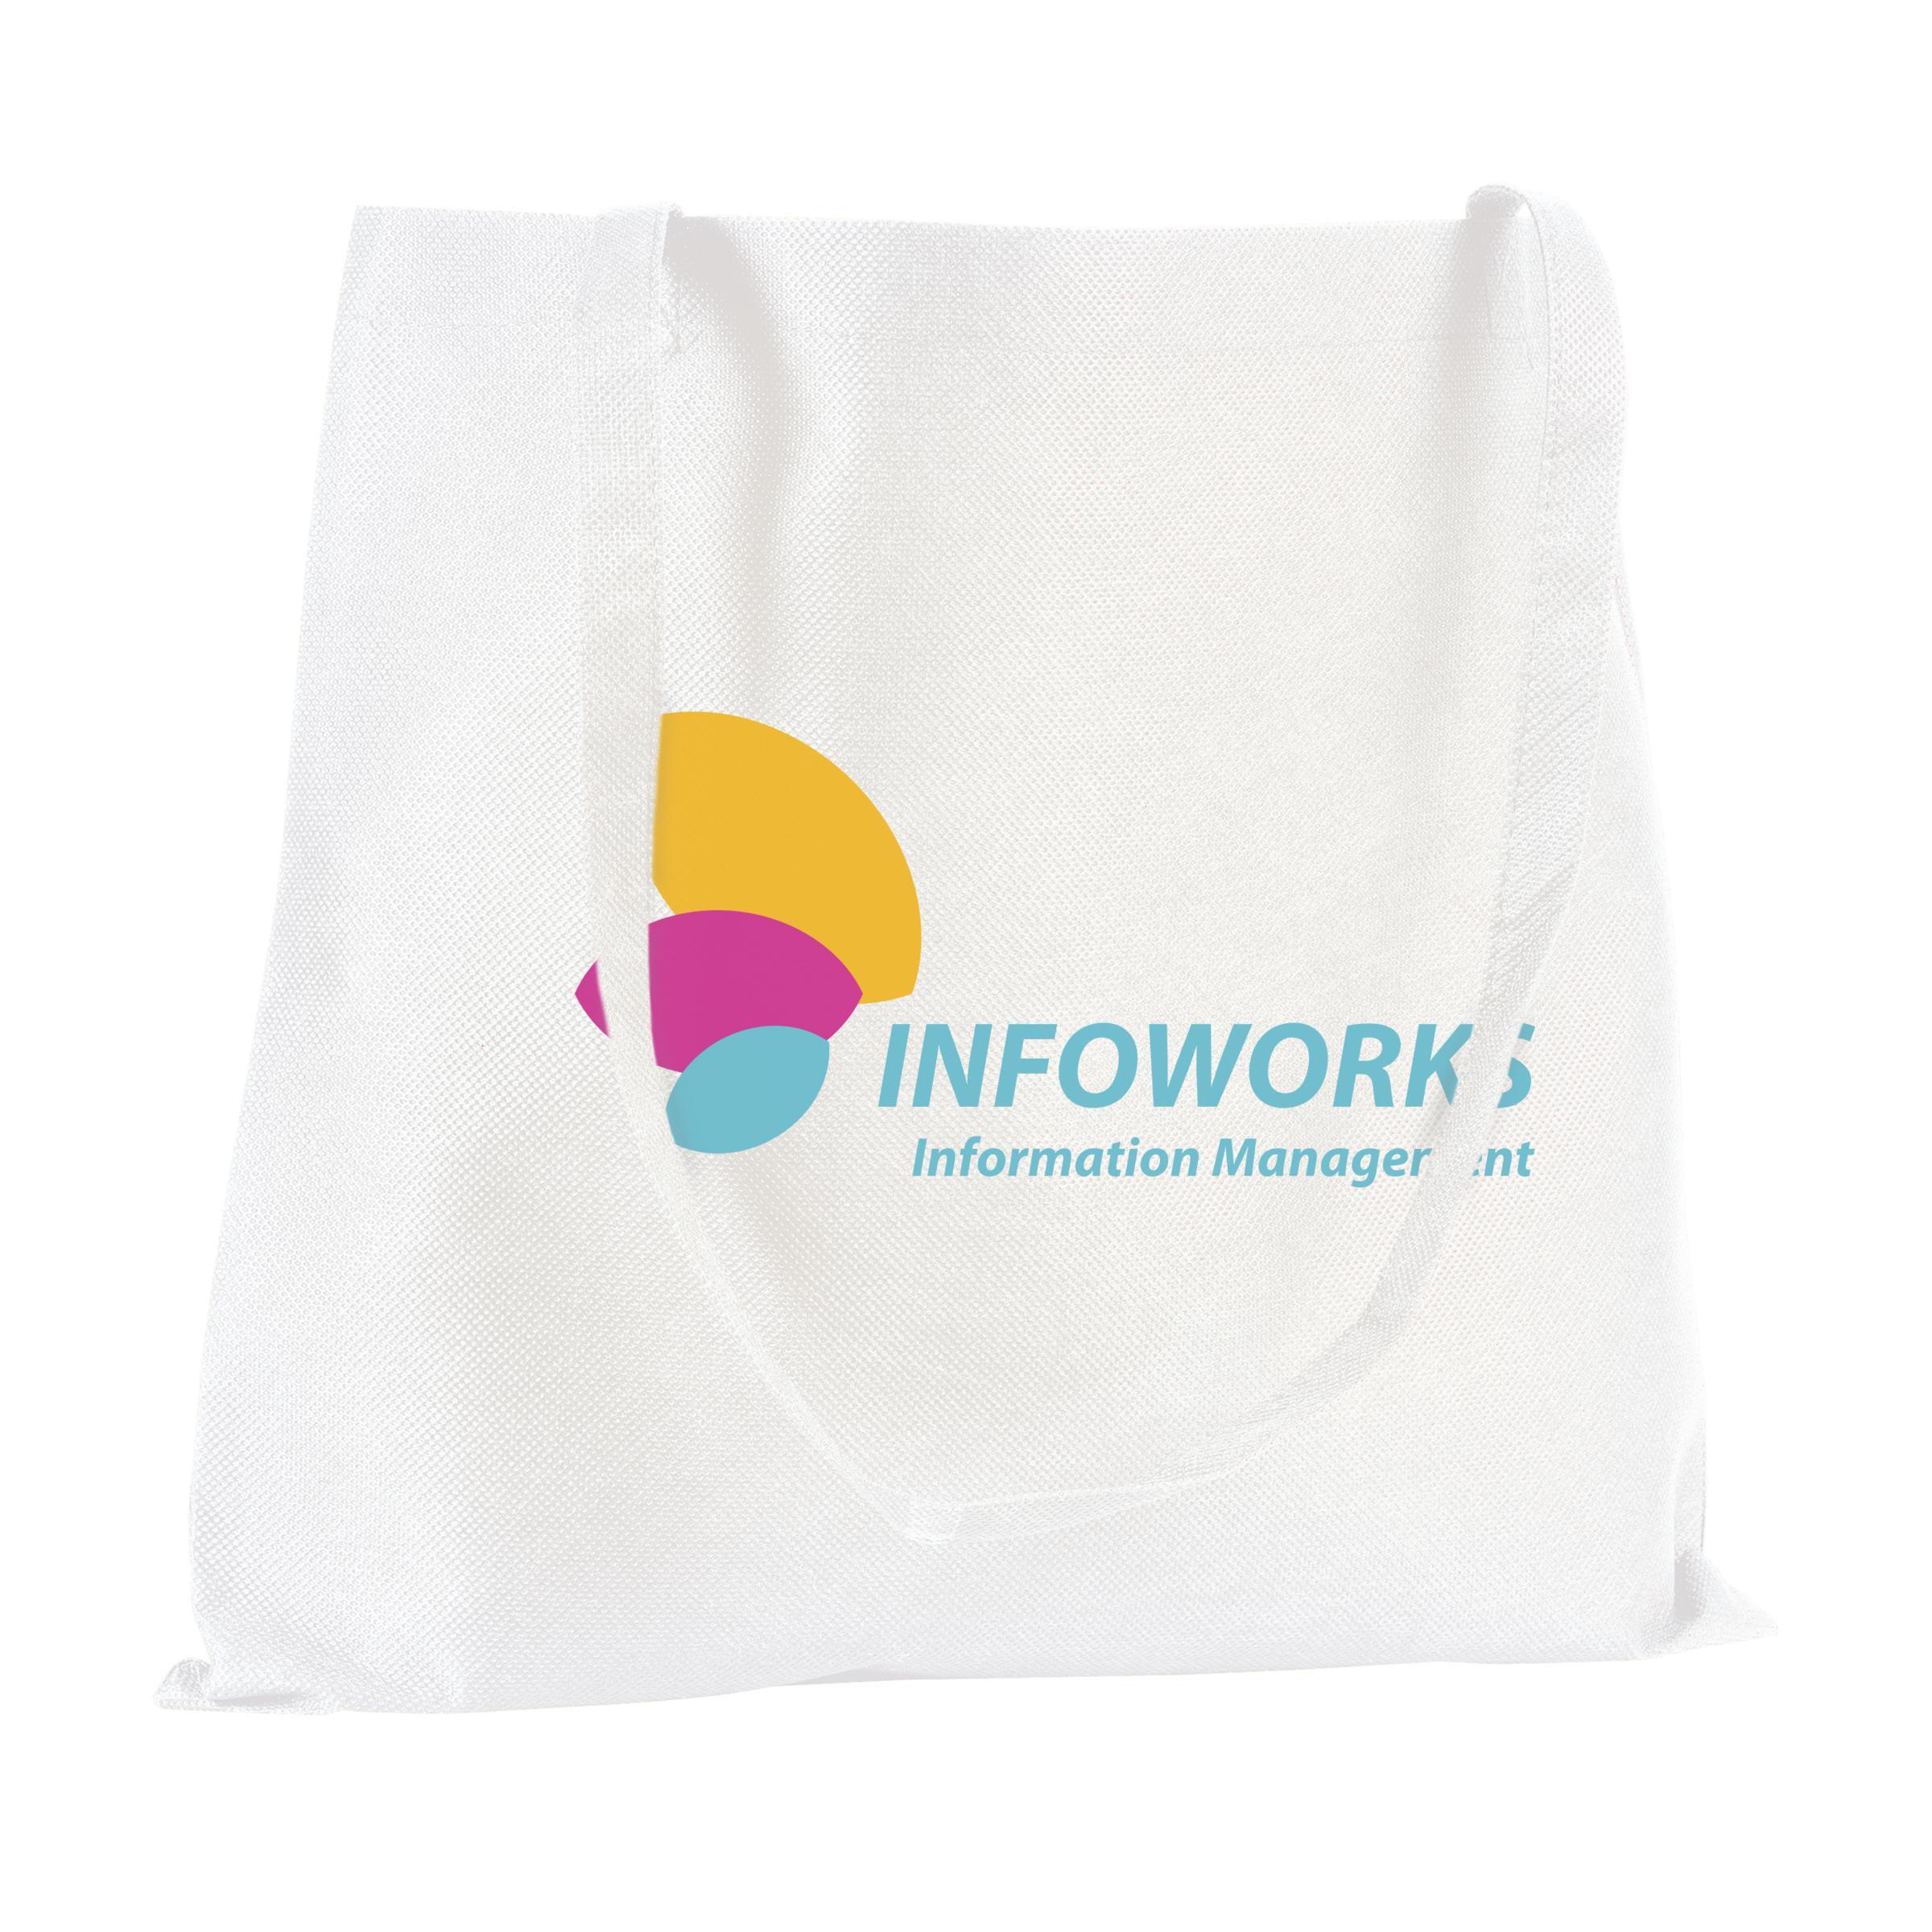 impresión de Shopper shopping bag